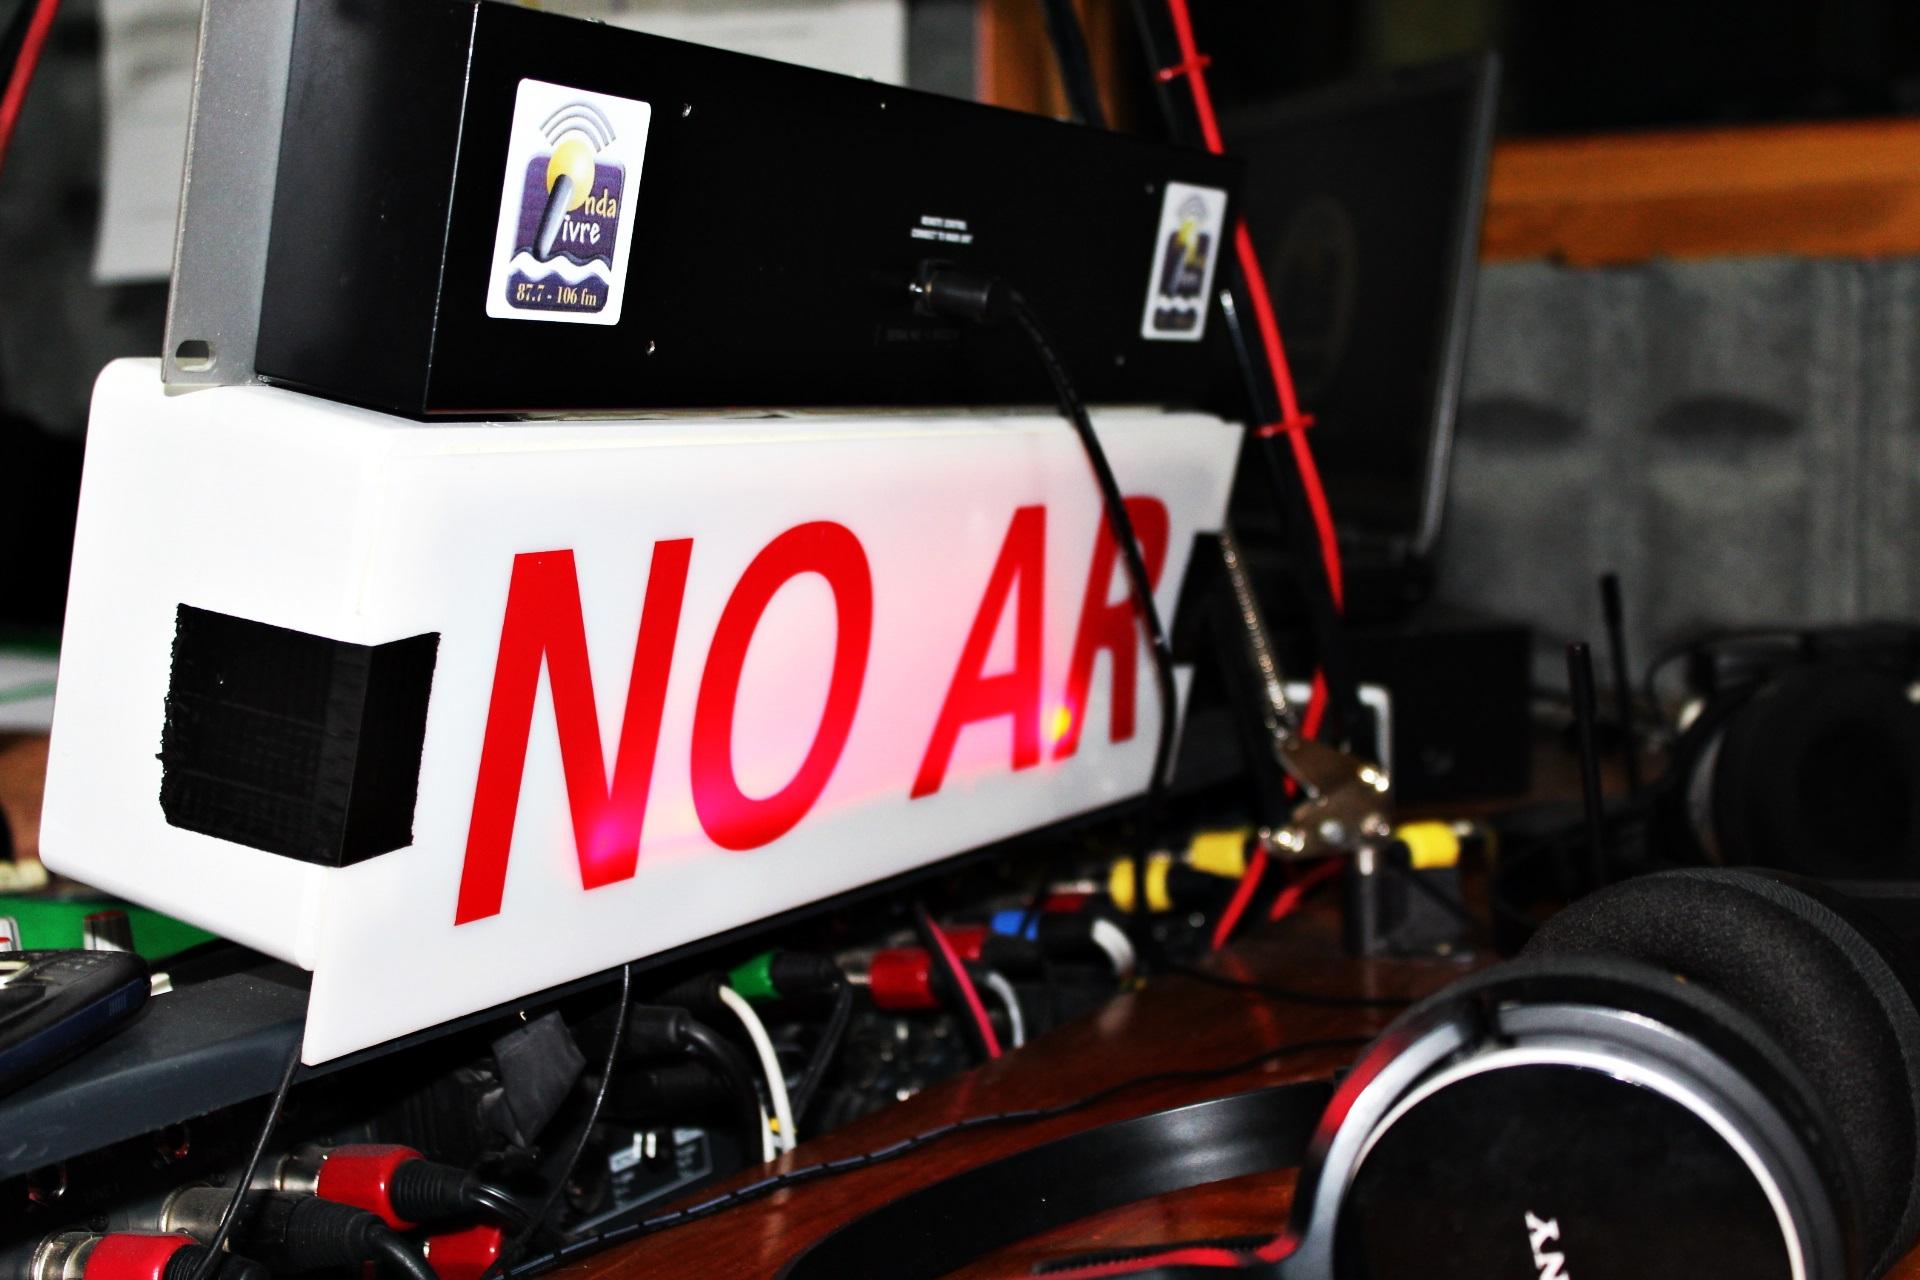 Ouvintes da Rádio Onda Livre reagem à crise financeira que a cooperativa de informação atravessa